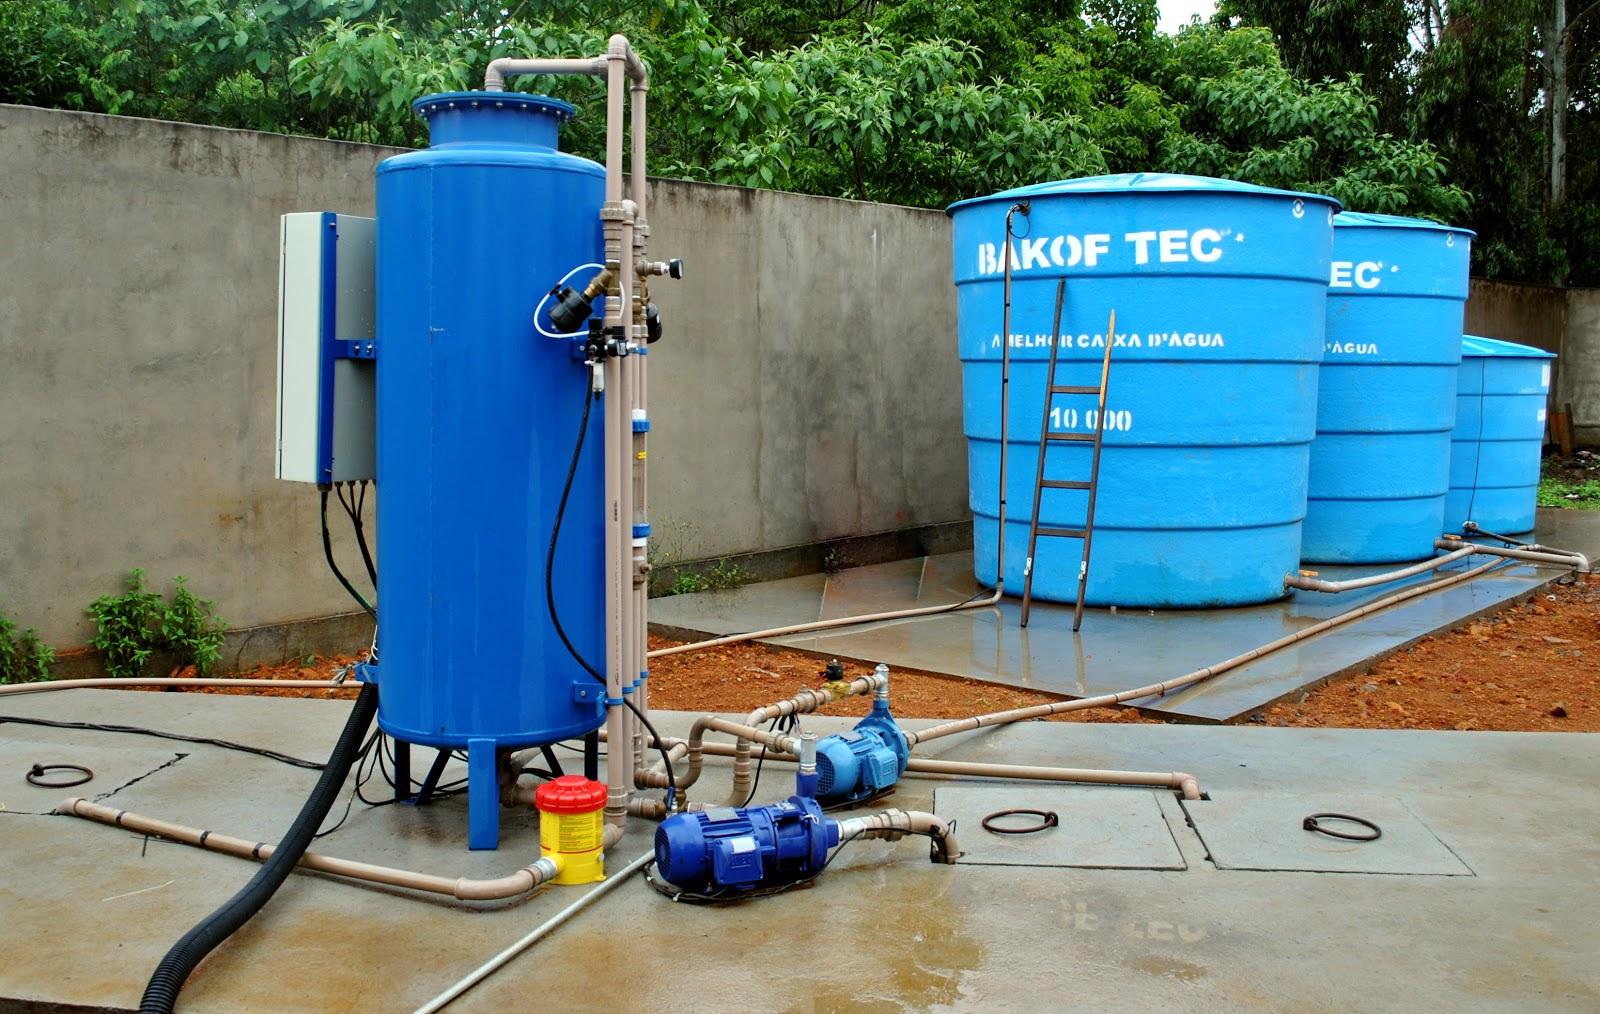 Rodoviário Diamante implantou sistema de reutilização de água na lavagem de caminhões DSC 0016